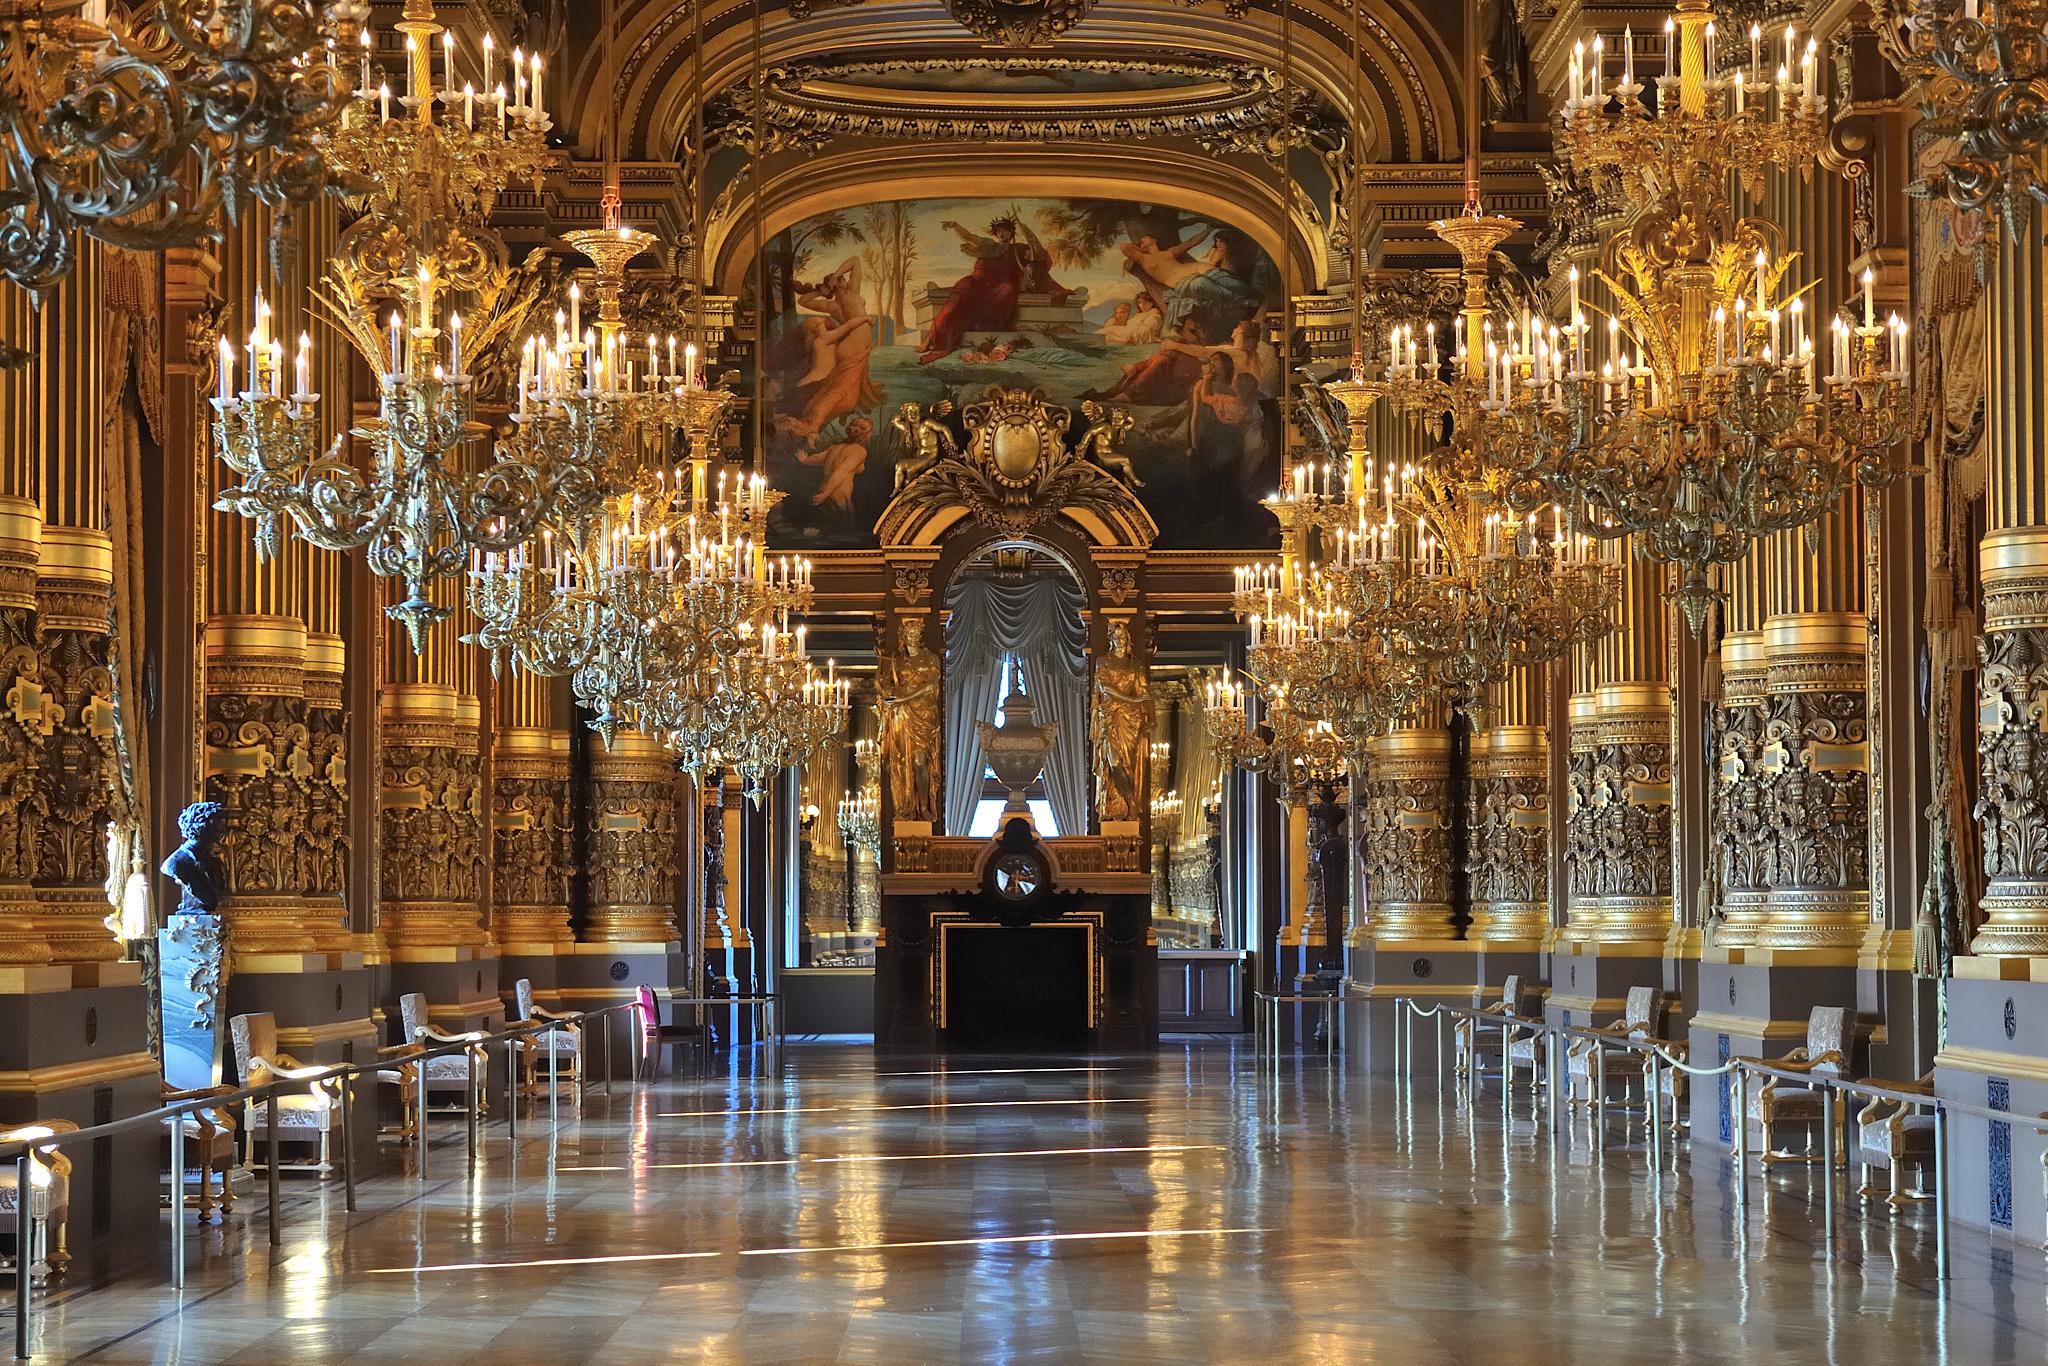 Paris,_Palais_Garnier's_grand_salon_большая зала_опера_гарнье